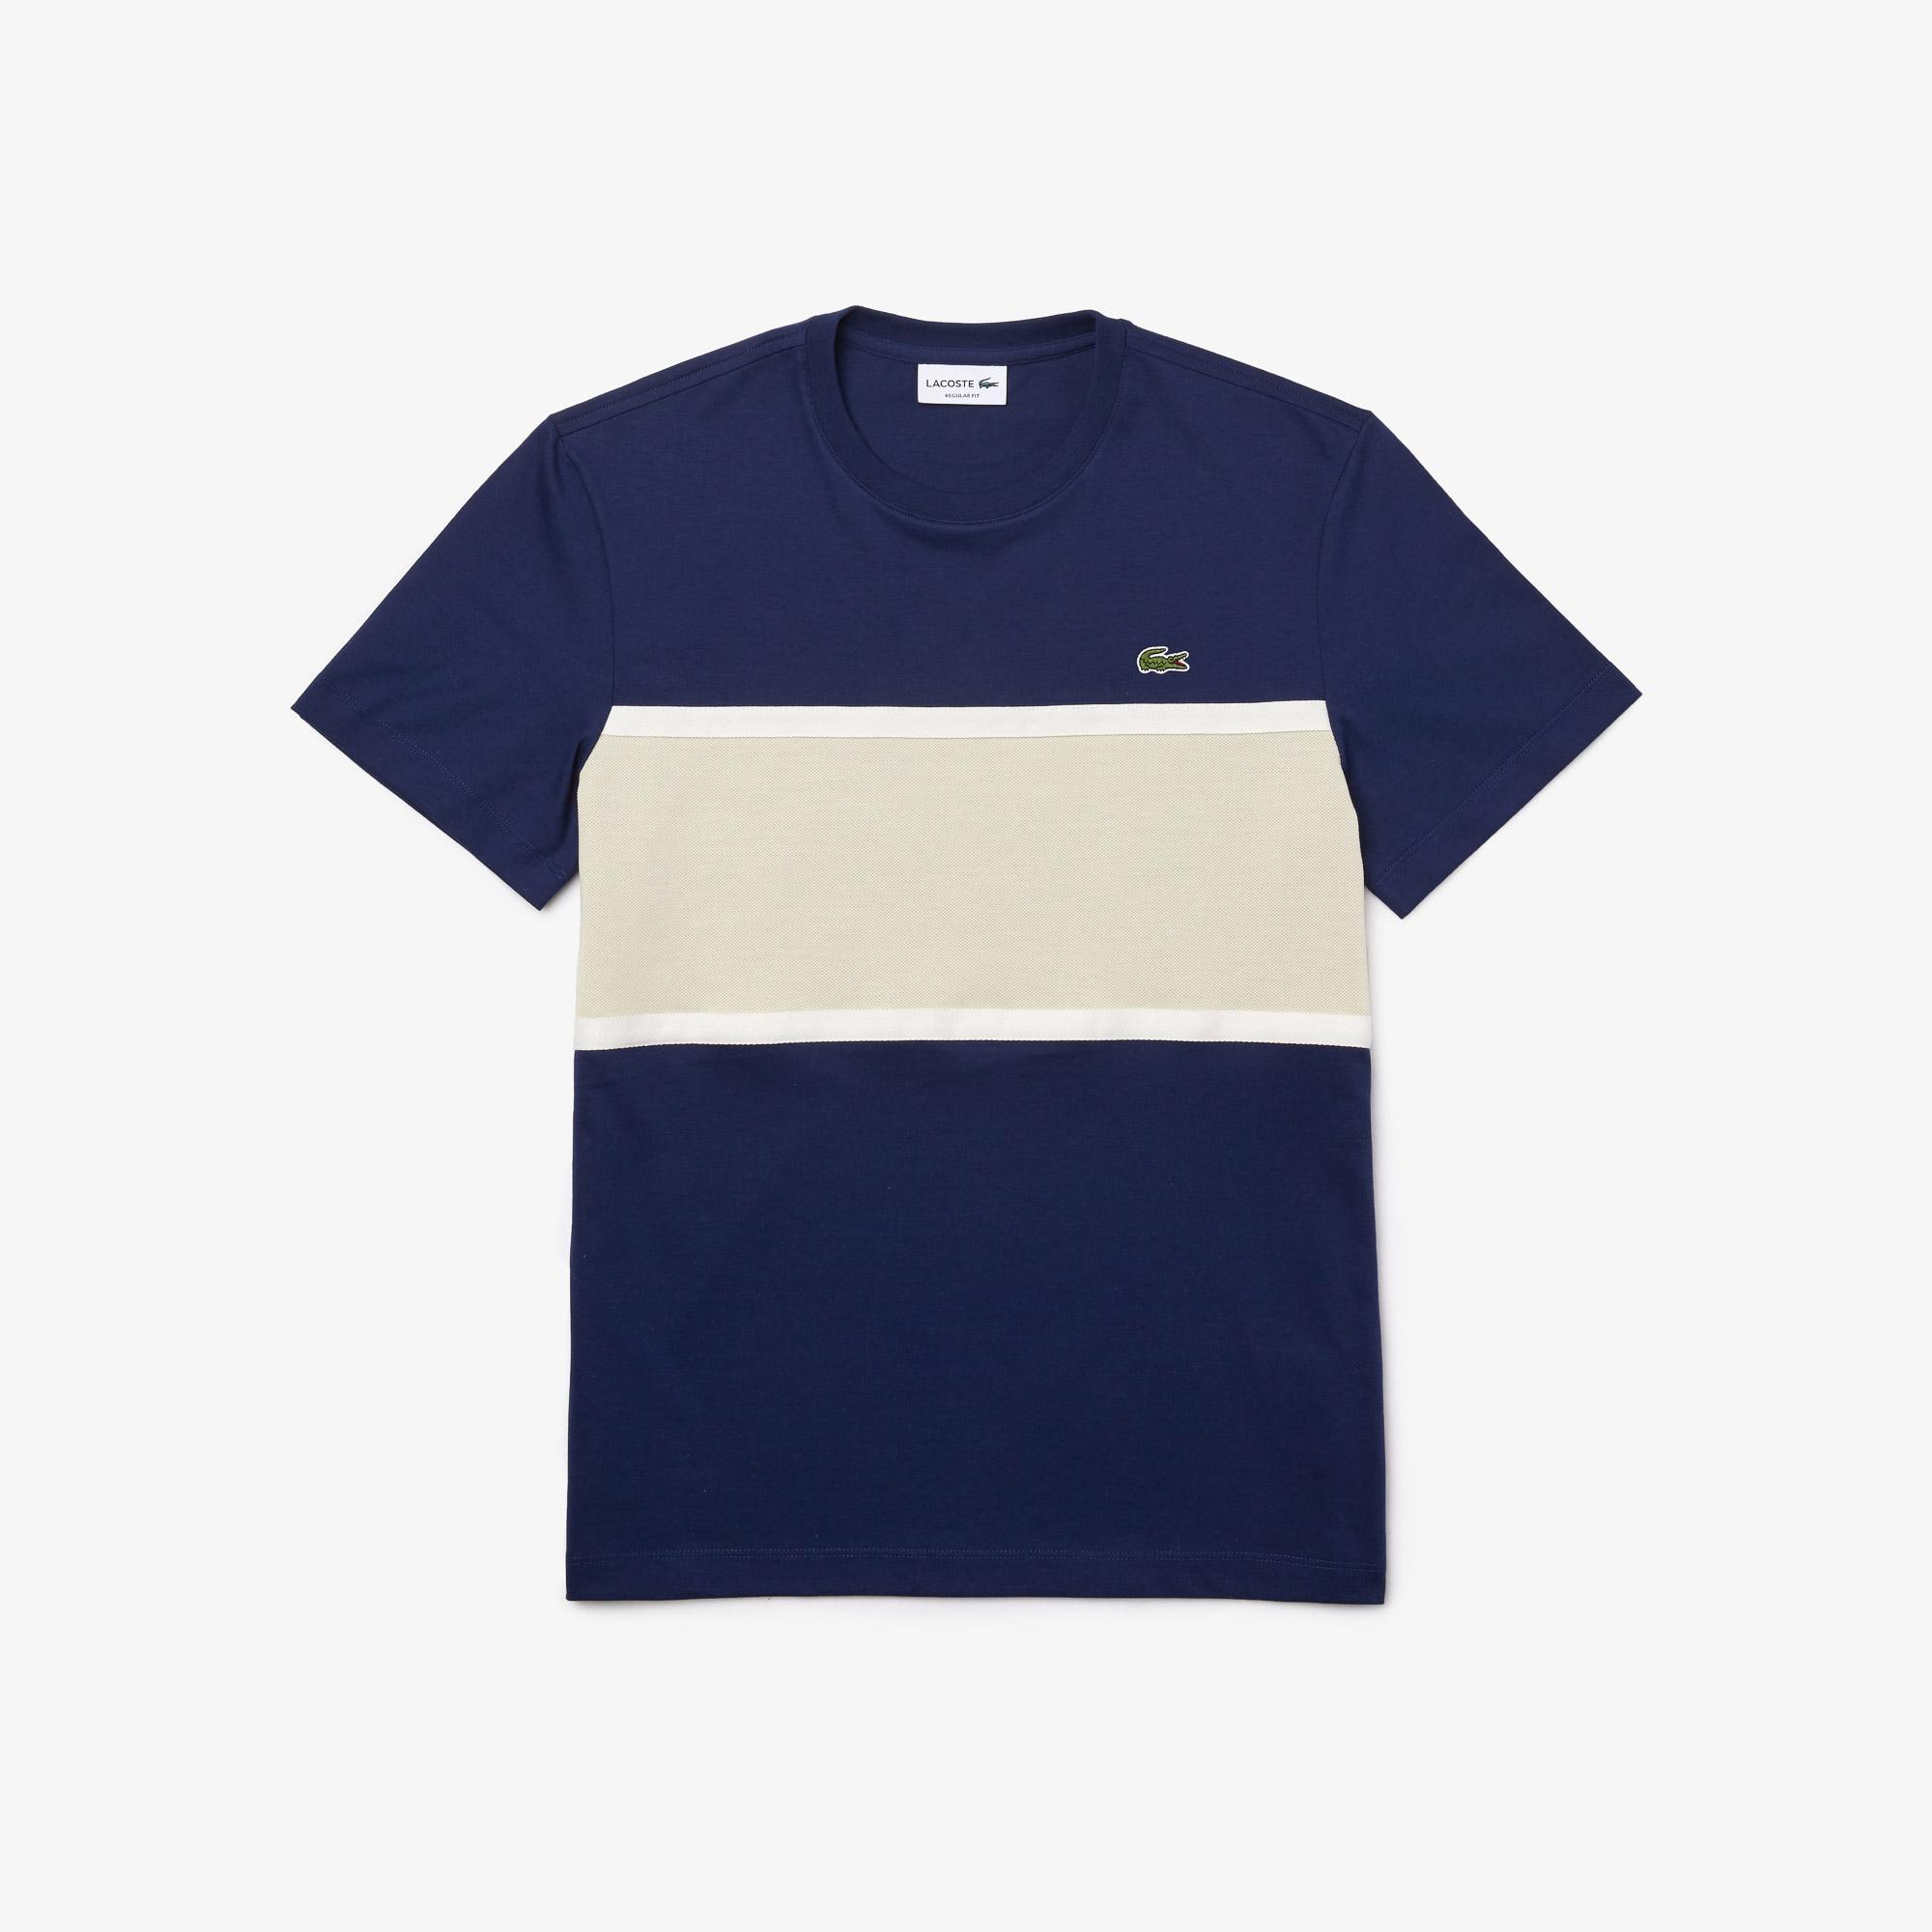 Lacoste Erkek Regular Fit Bisiklet Yaka Renk Bloklu Lacivert T-Shirt